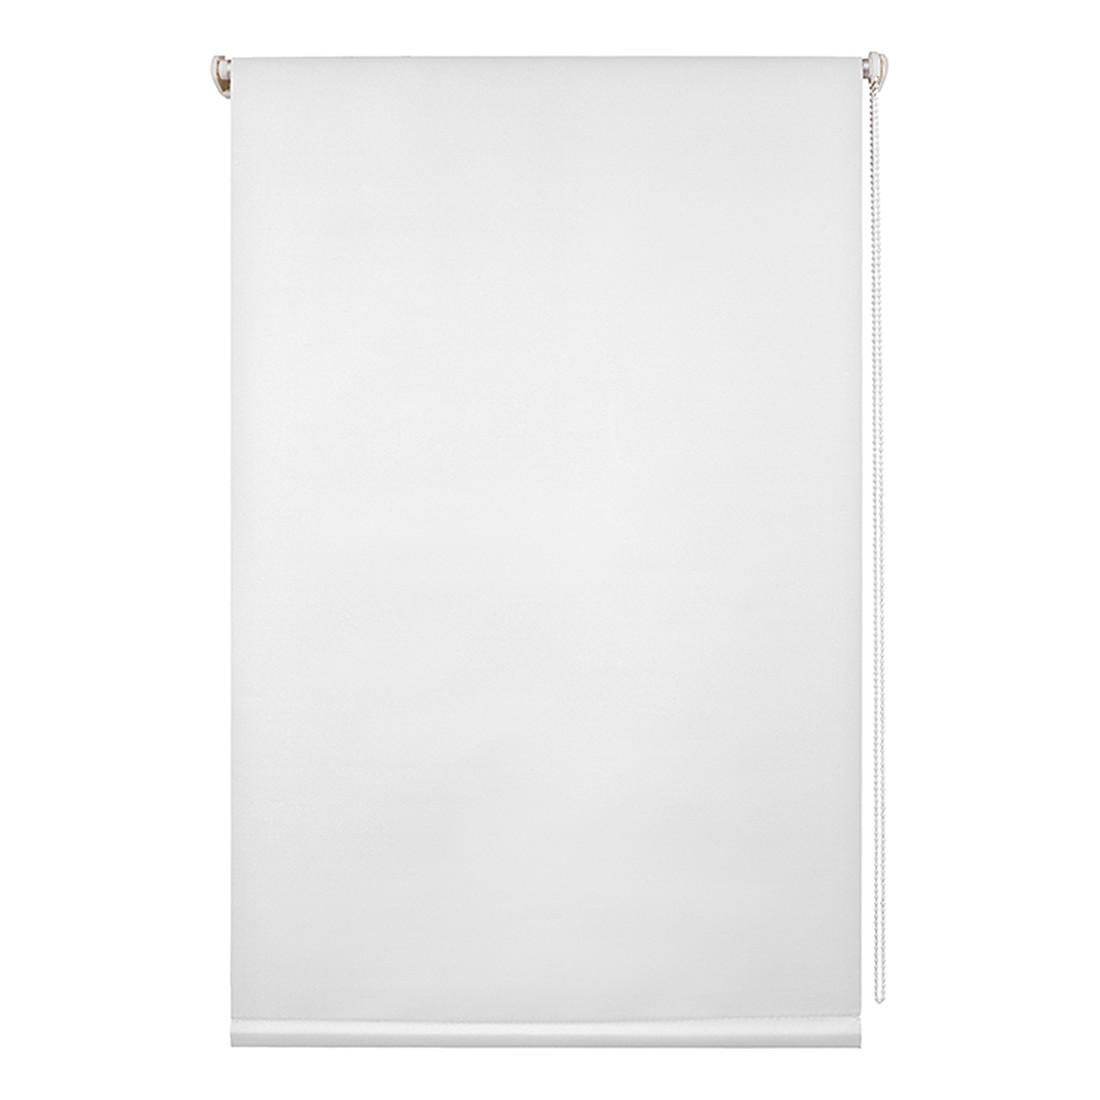 Rollo Klemmfix, Thermo/Verdunkelung – Polyester, Weiß – Abmessungen (H x B): 150 x 45 cm, Wohn-Guide kaufen